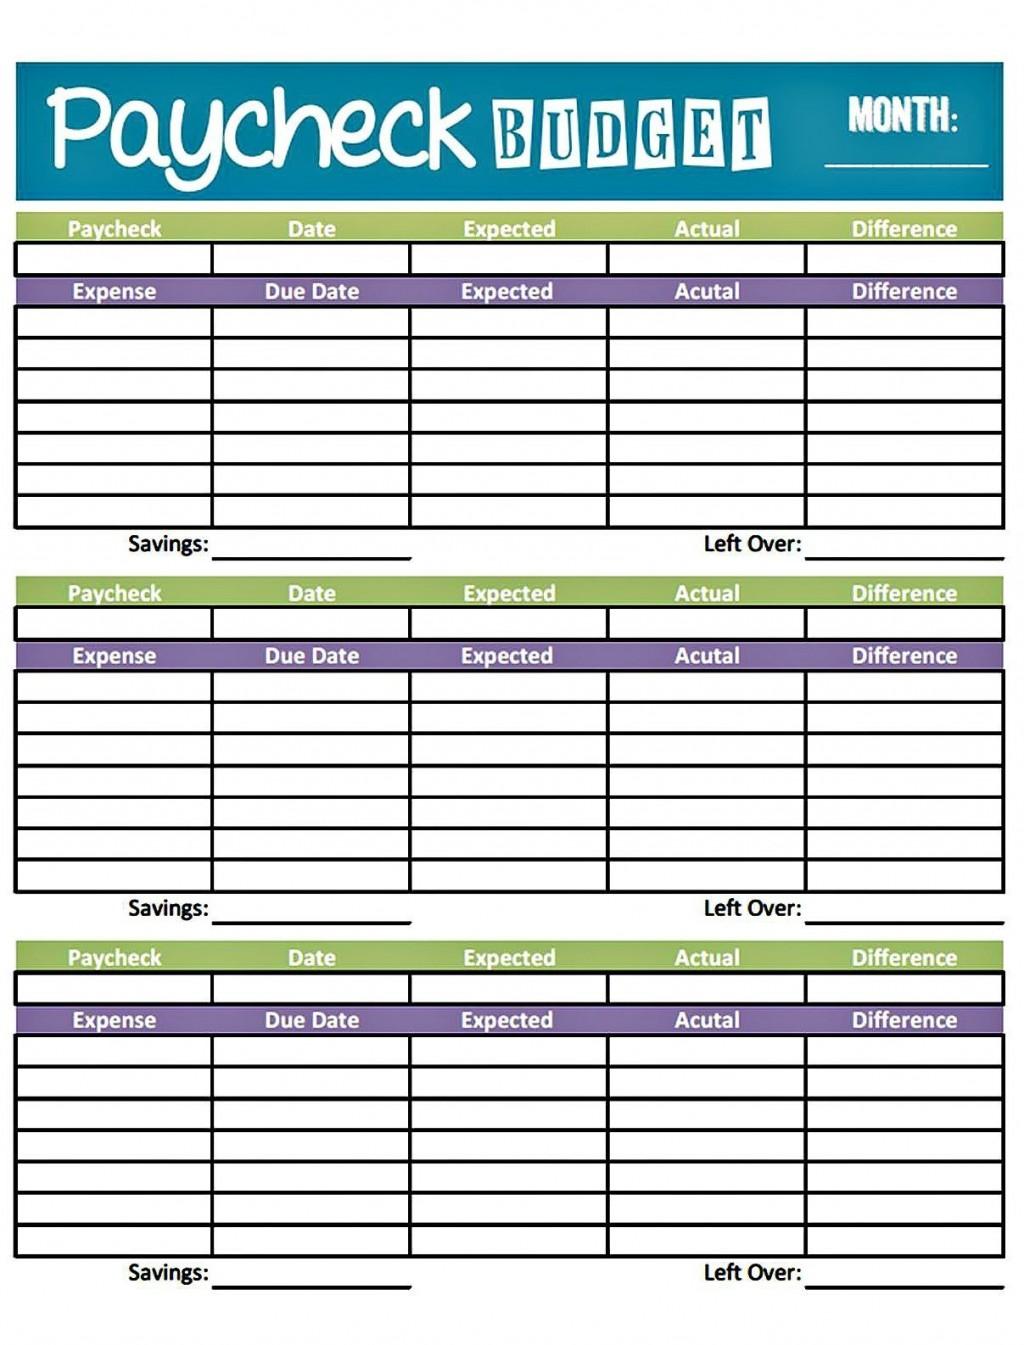 002 Wondrou Bi Weekly Budget Template 2 Concept  2020 Biweekly 2019Large